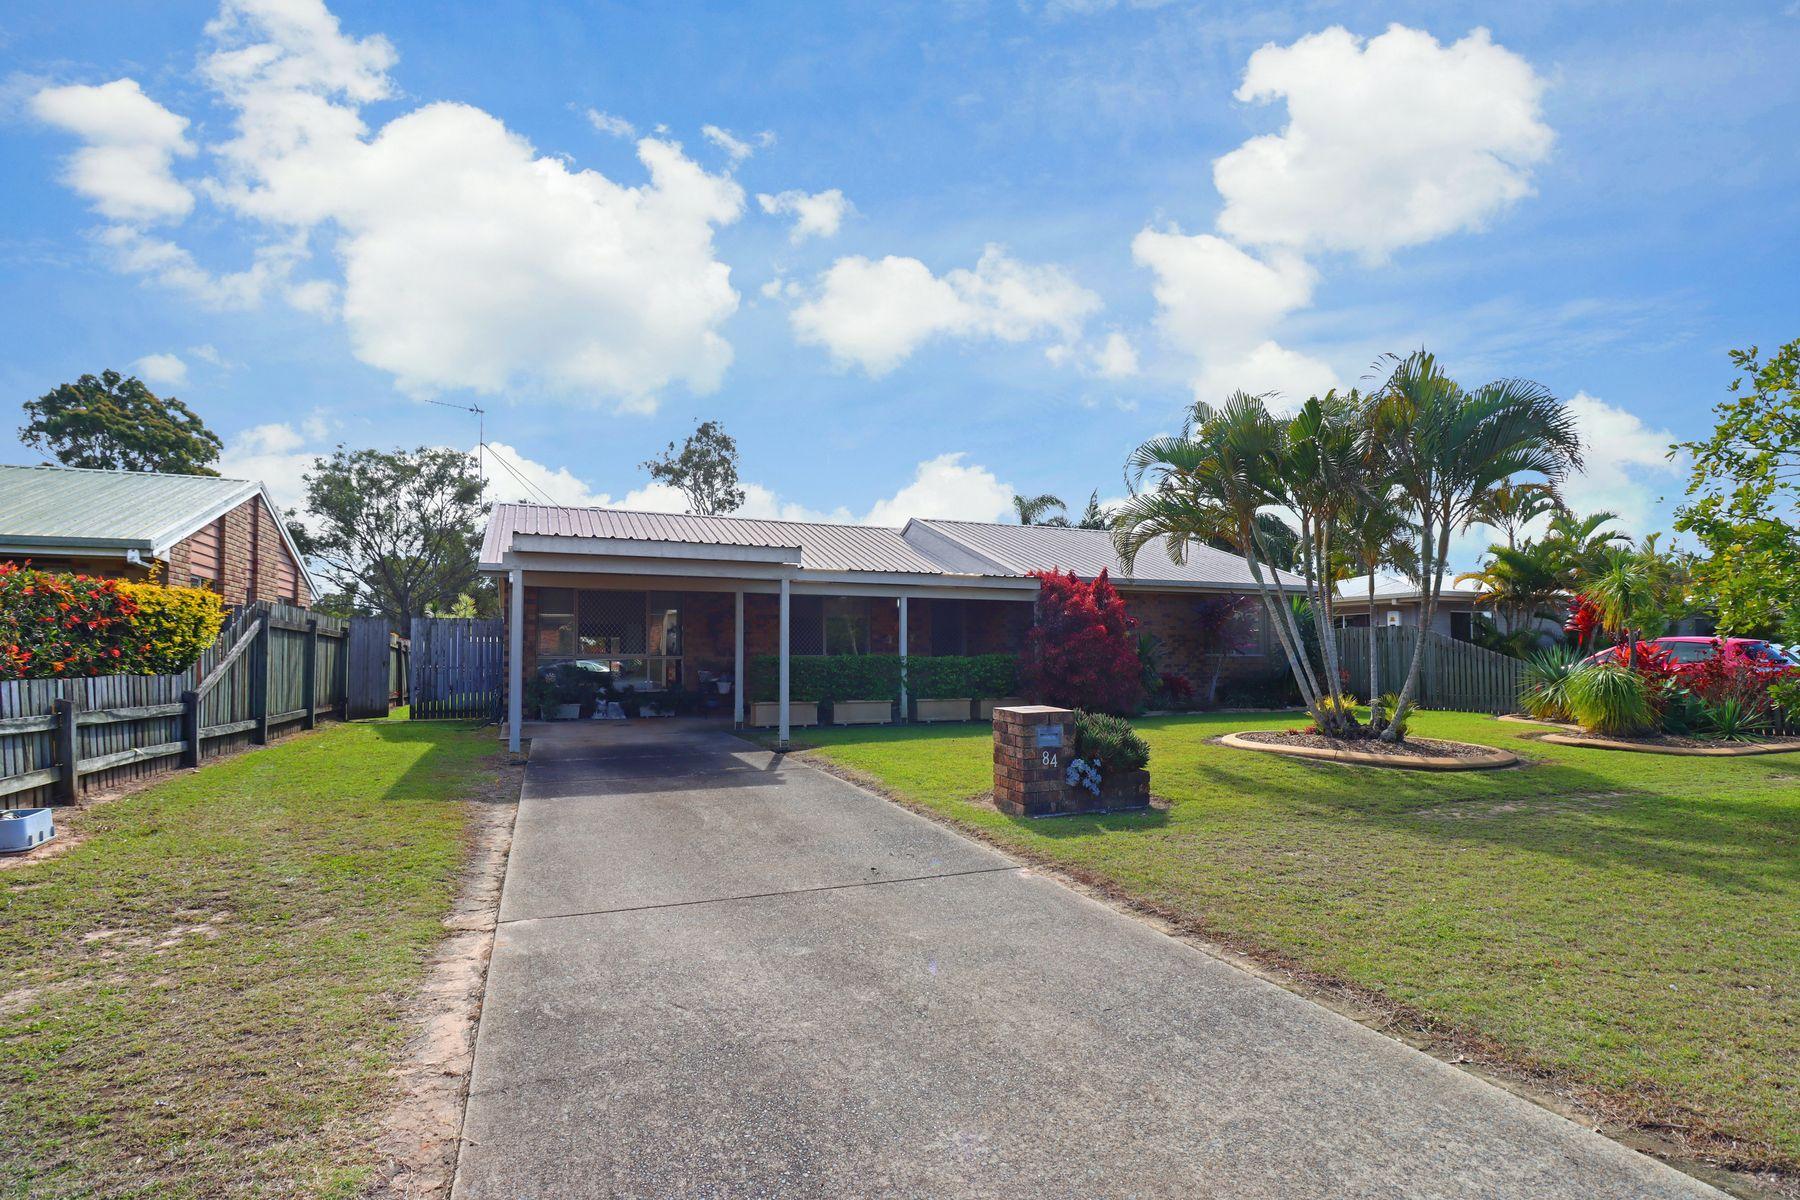 84 Snapper Street, Kawungan, QLD 4655